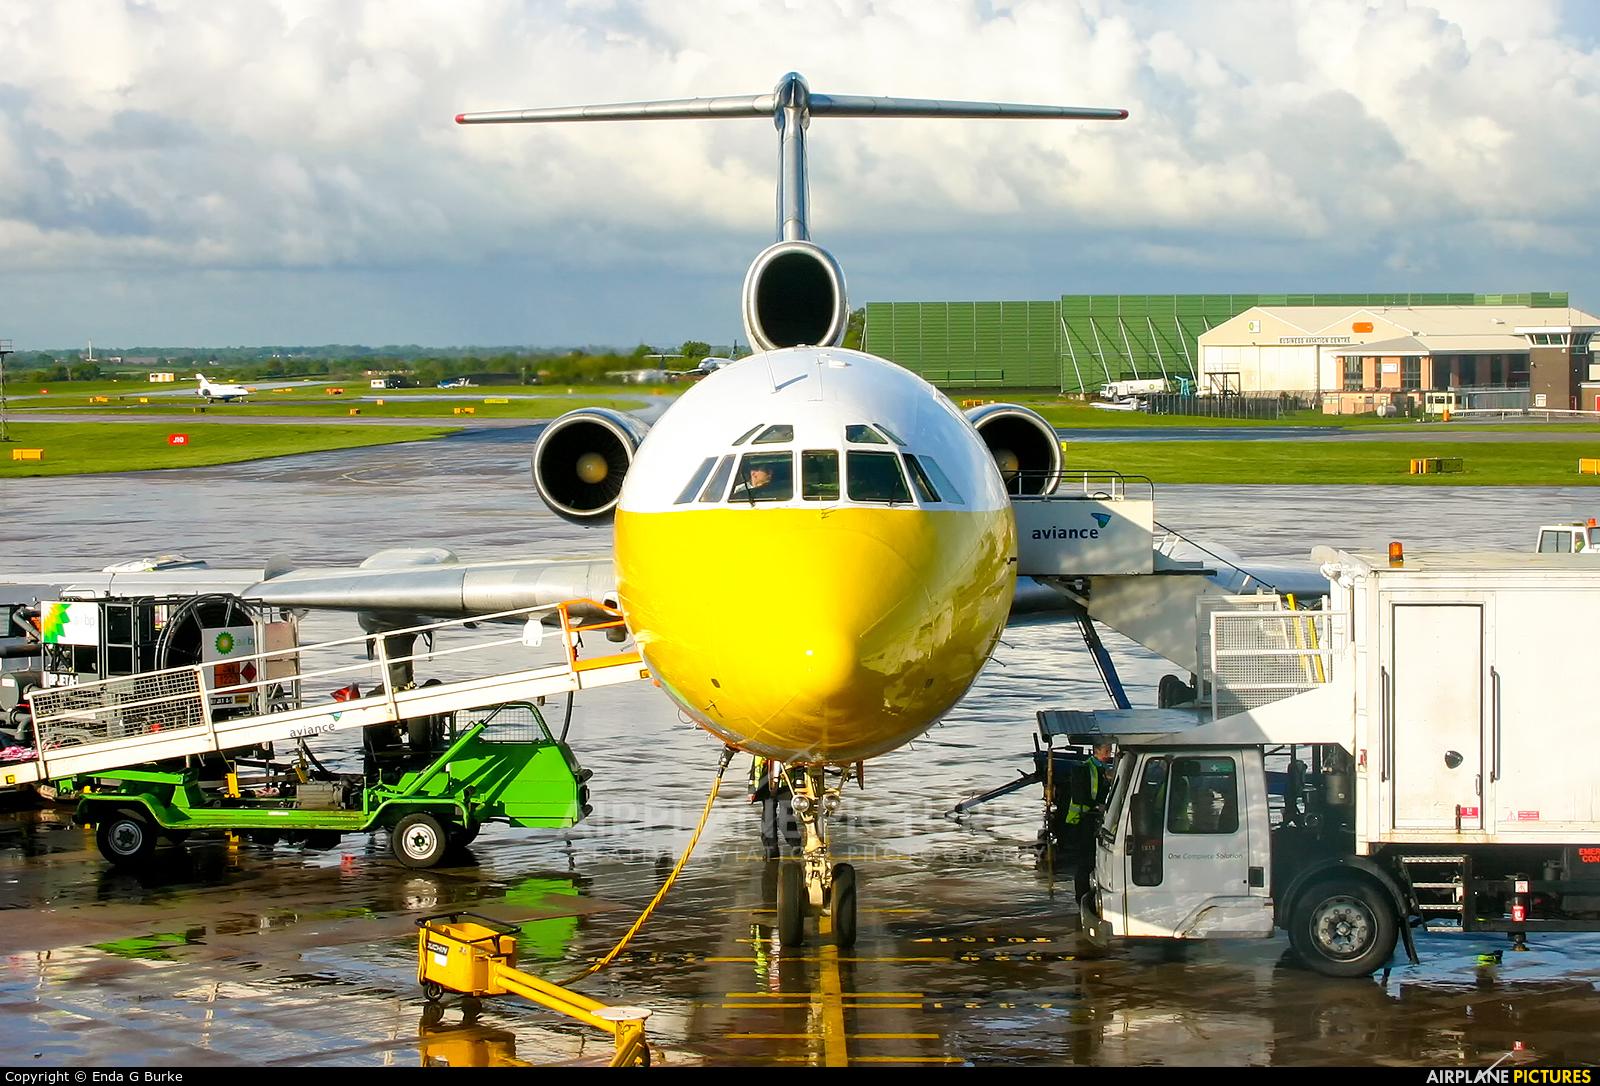 Balkan Holidays Air LZ-HMI aircraft at Manchester